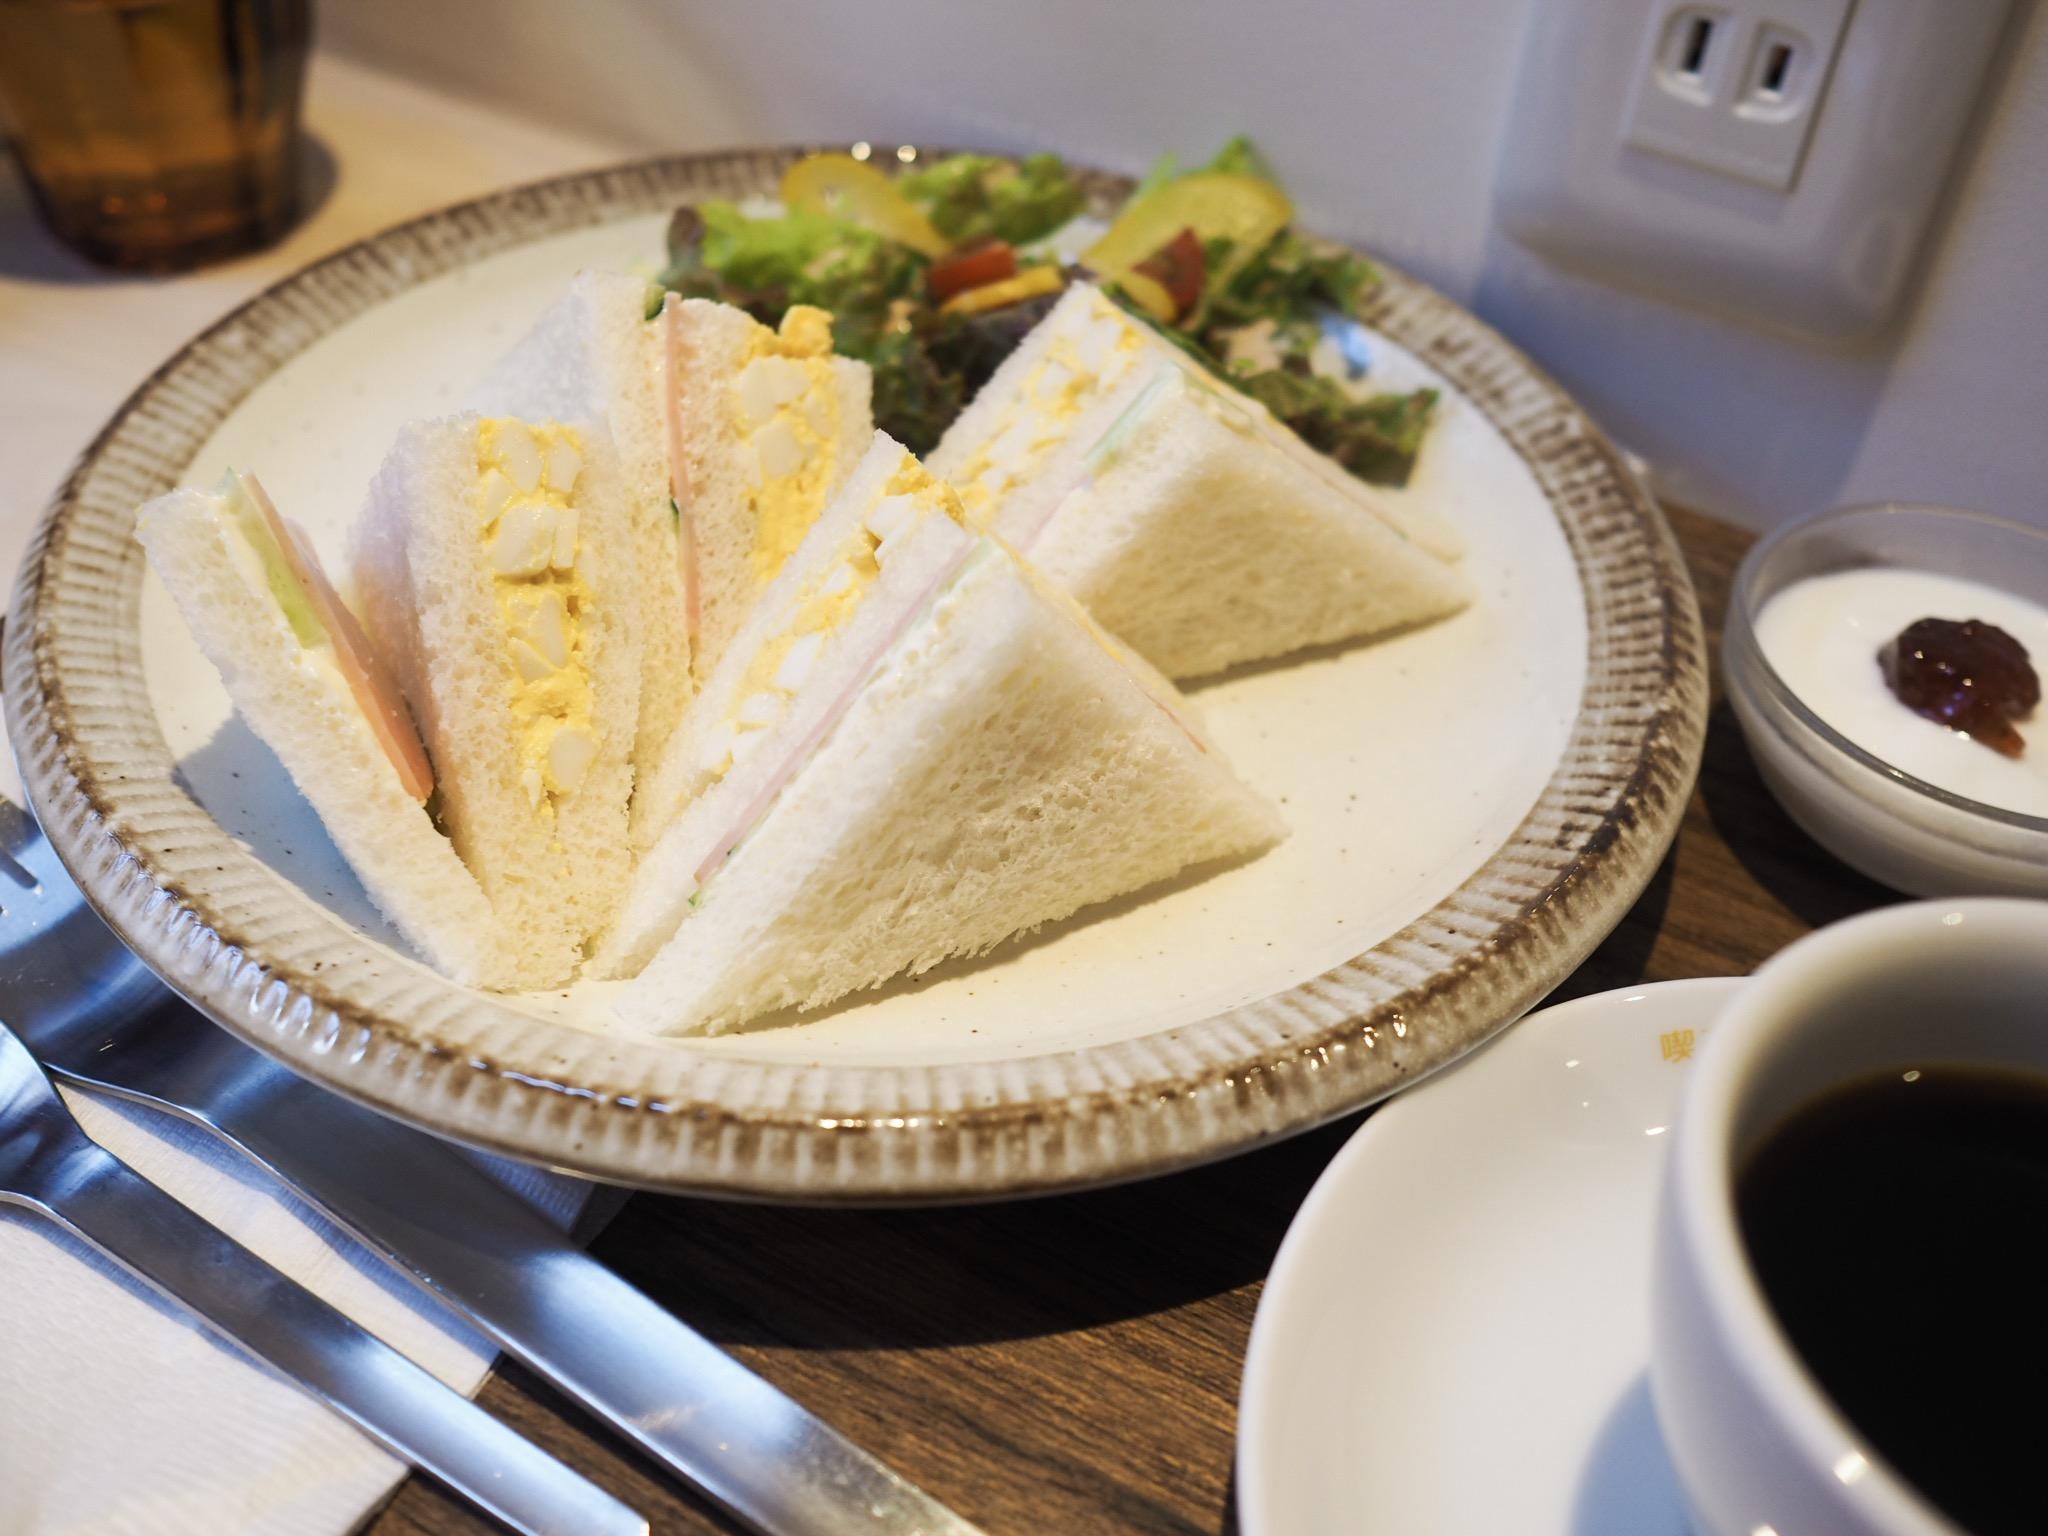 名古屋名物のモーニングが一日中楽しめる!名駅西「喫茶モーニング」に込められた想いとは - ks4